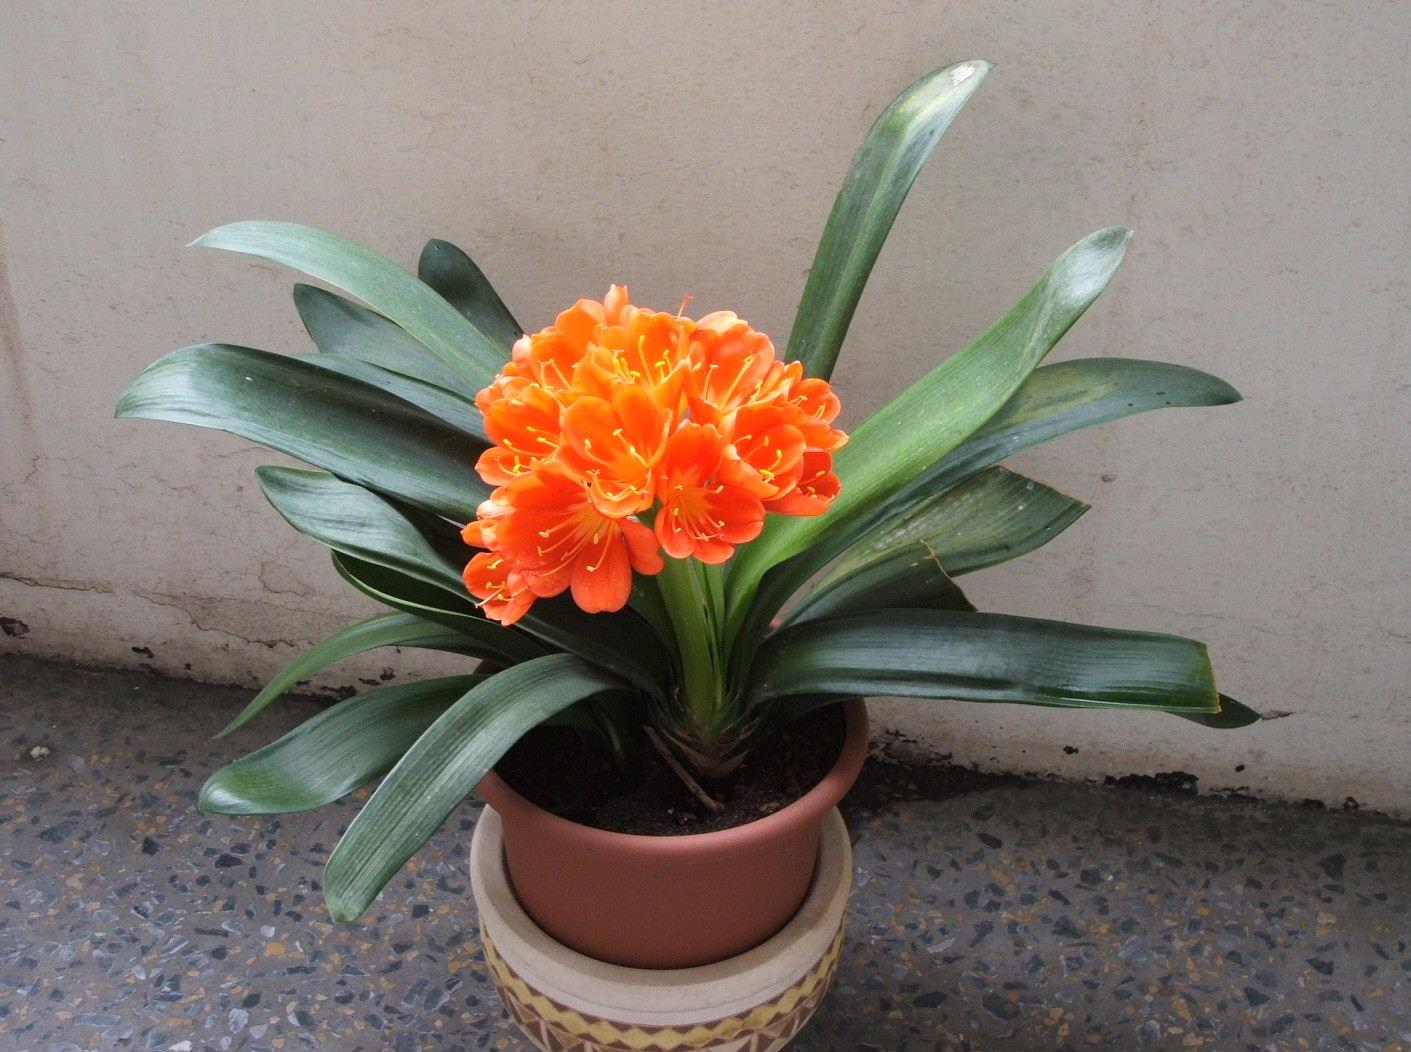 домашние цветы фото и названия - Сумки: http://sumke.ru/domashnie-tsvety-foto-i-nazvaniya.html